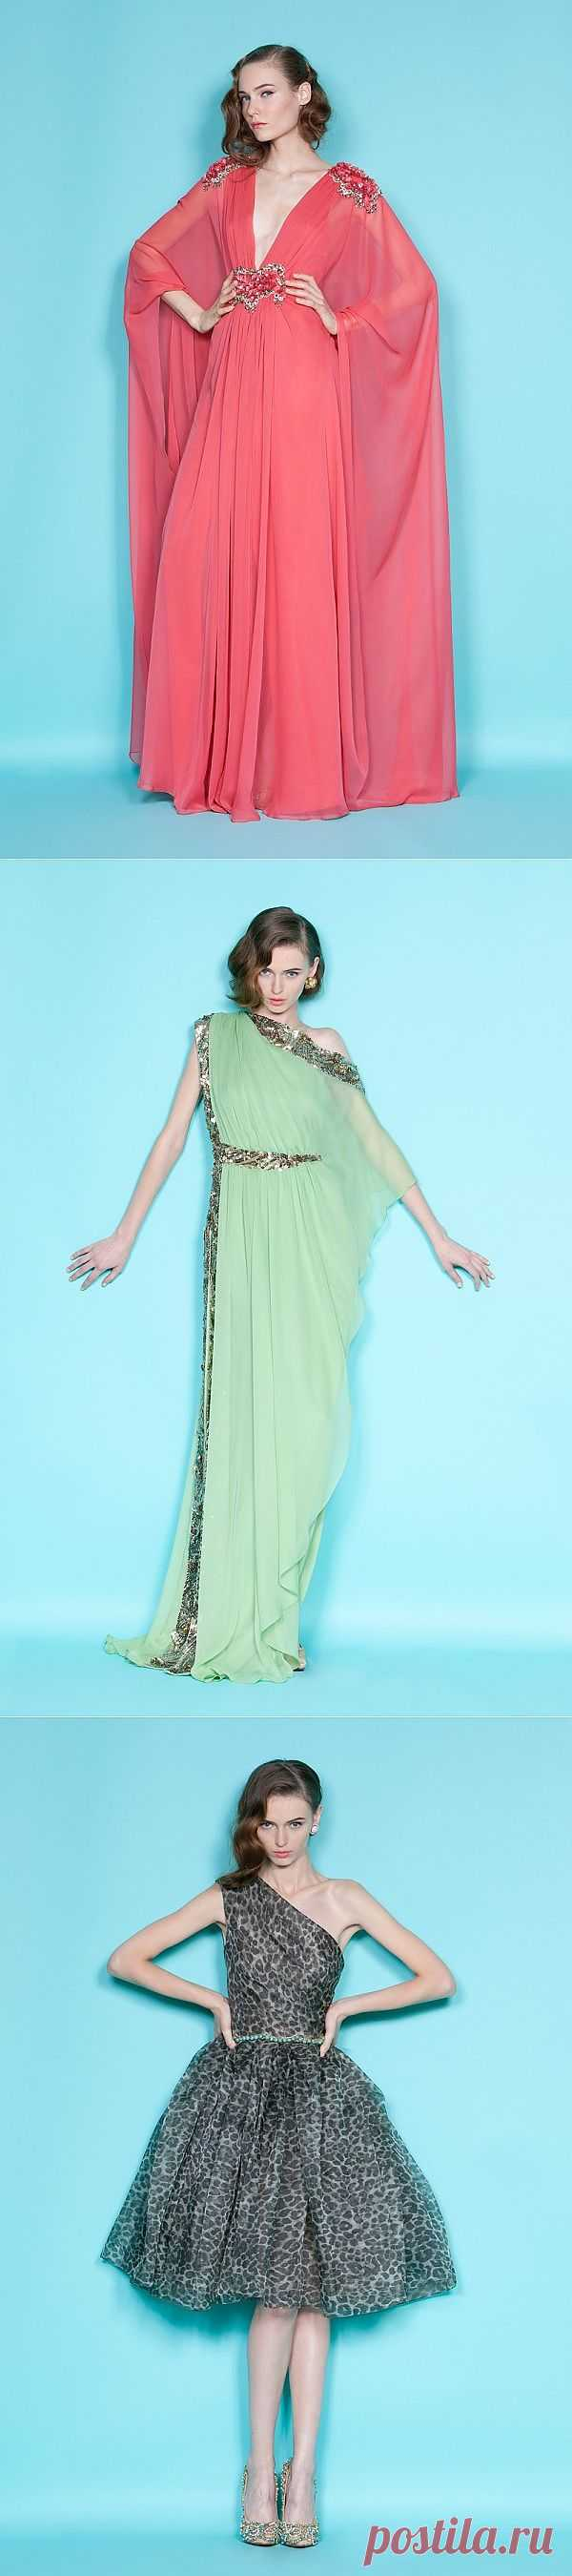 Гламур от Marchesa Resort / Дизайнеры / Модный сайт о стильной переделке одежды и интерьера